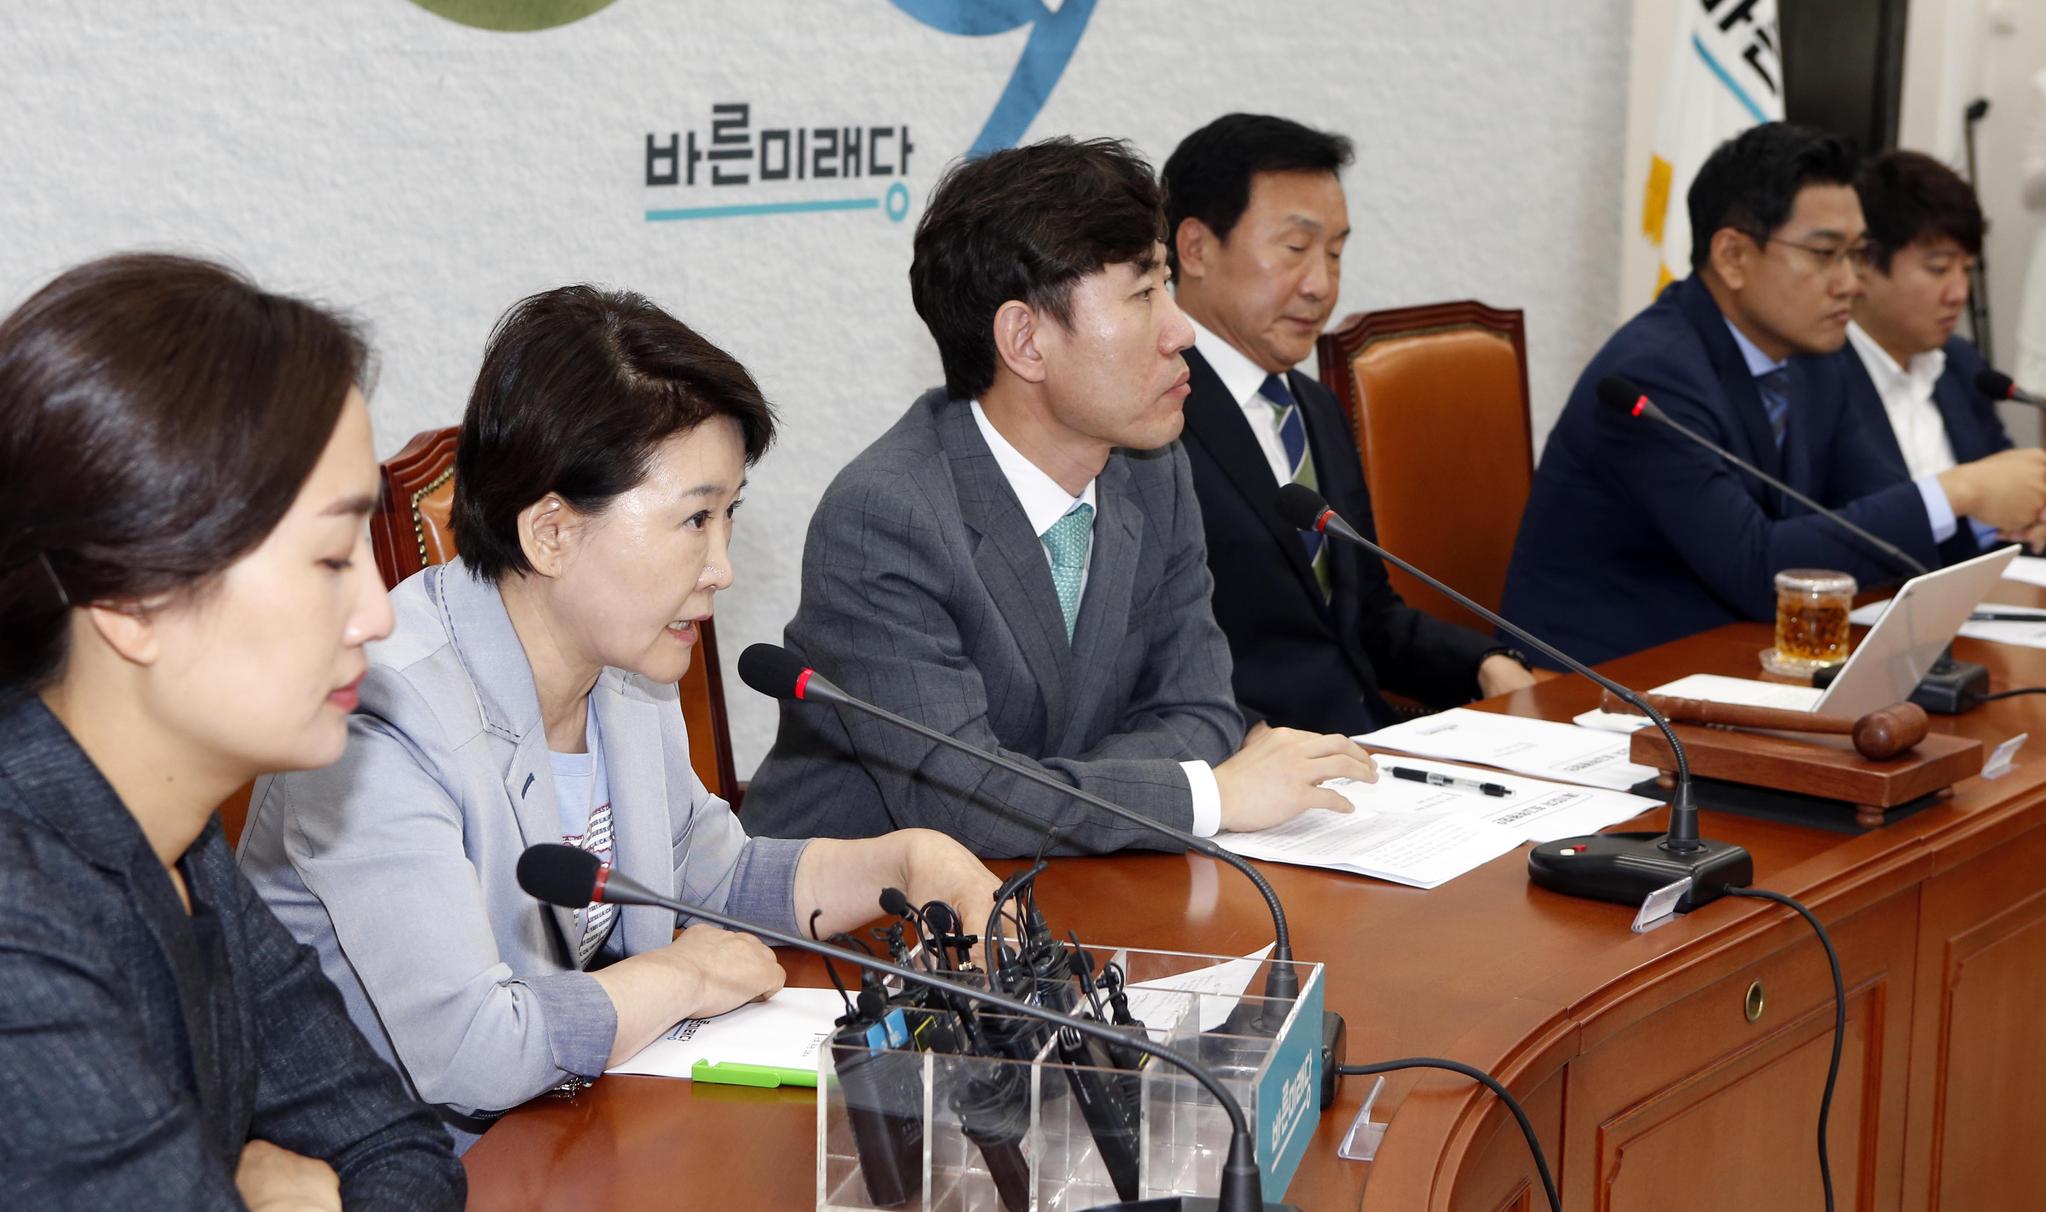 바른미래당 최고위원회의가 3일 국회에서 열렸다. 권은희 최고위원(왼쪽 둘째)이 발언하고 있다. 변선구 기자